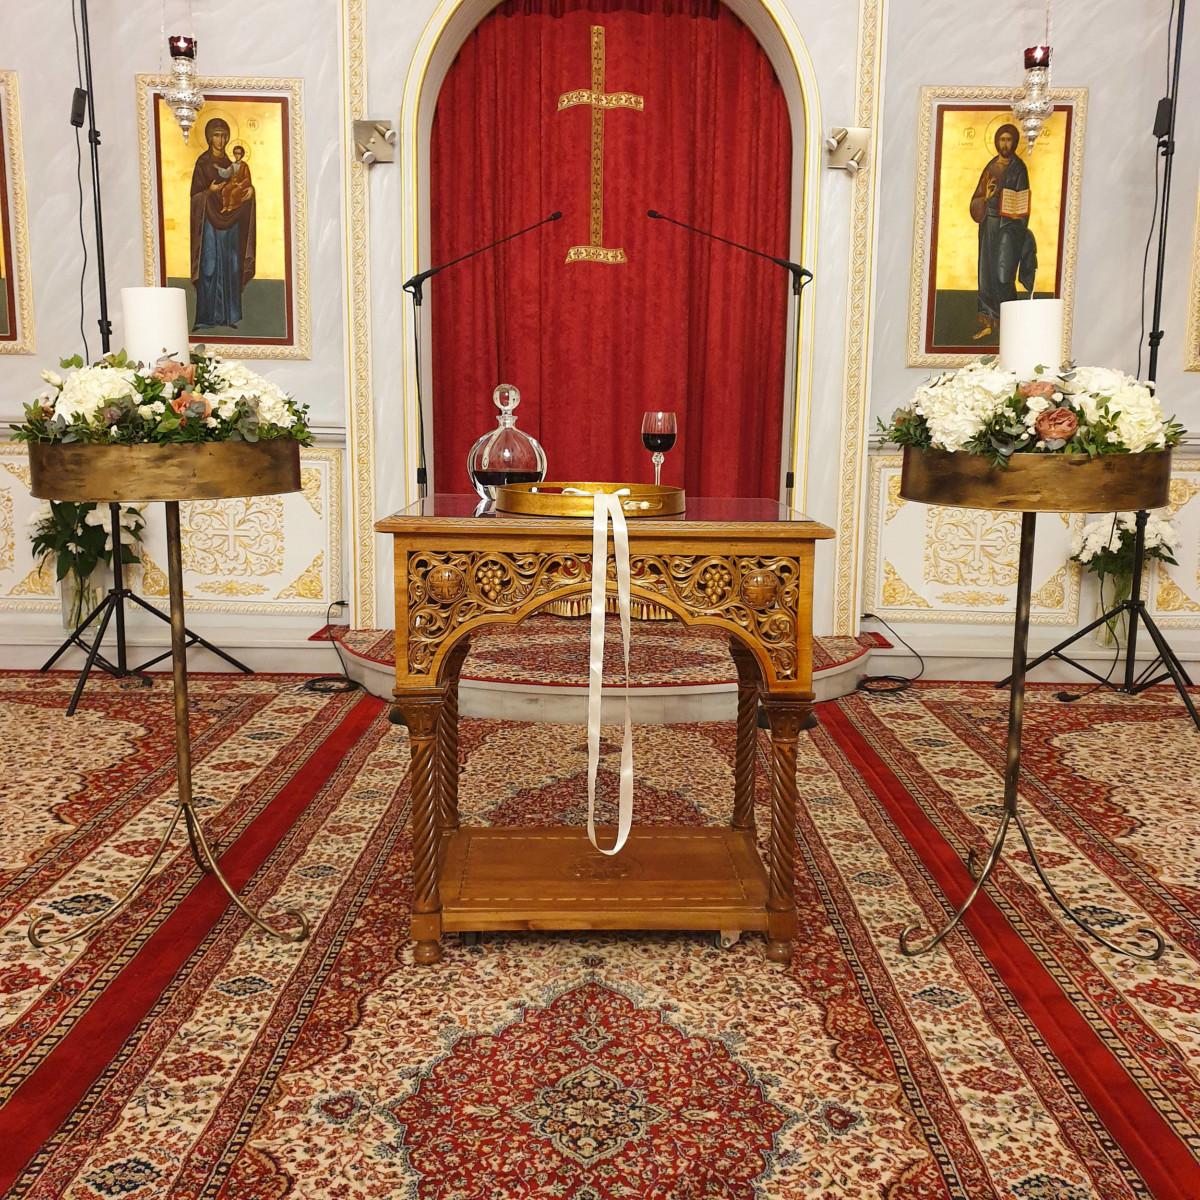 Λαμπάδα Γάμου Μανουάλι Ορτανσίες